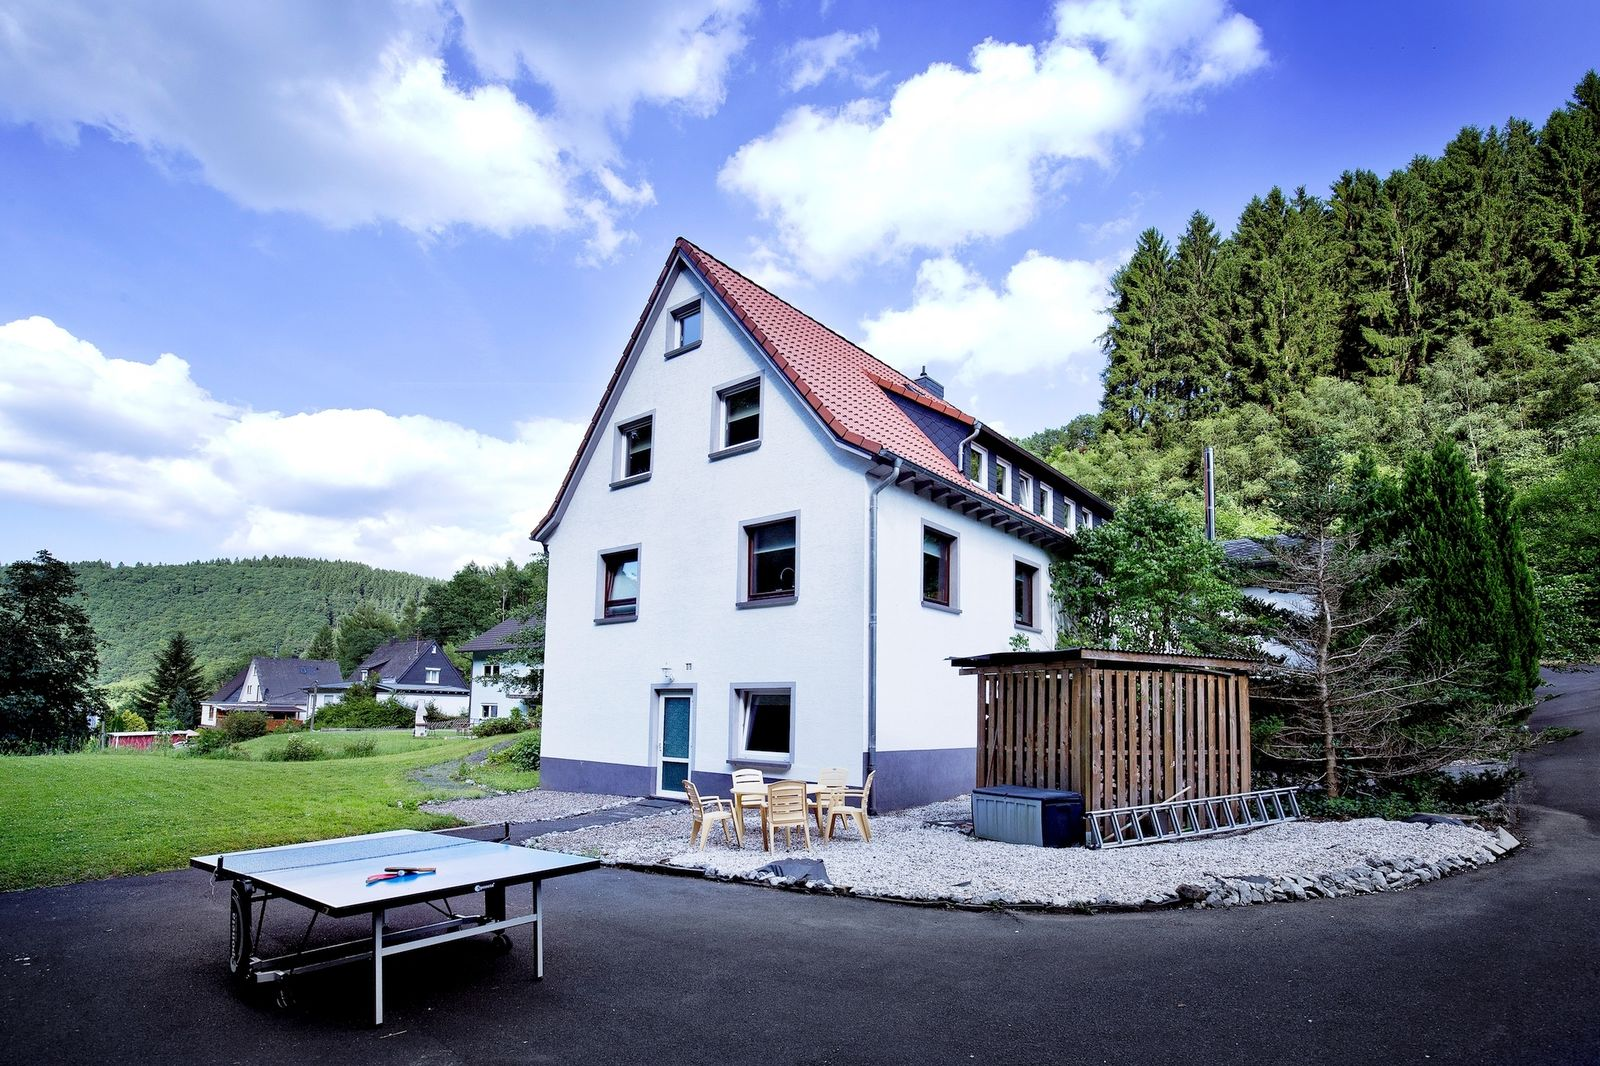 Afbeelding van Huize Schutzbach Westerwald - vakantievilla voor groepen in de natuur